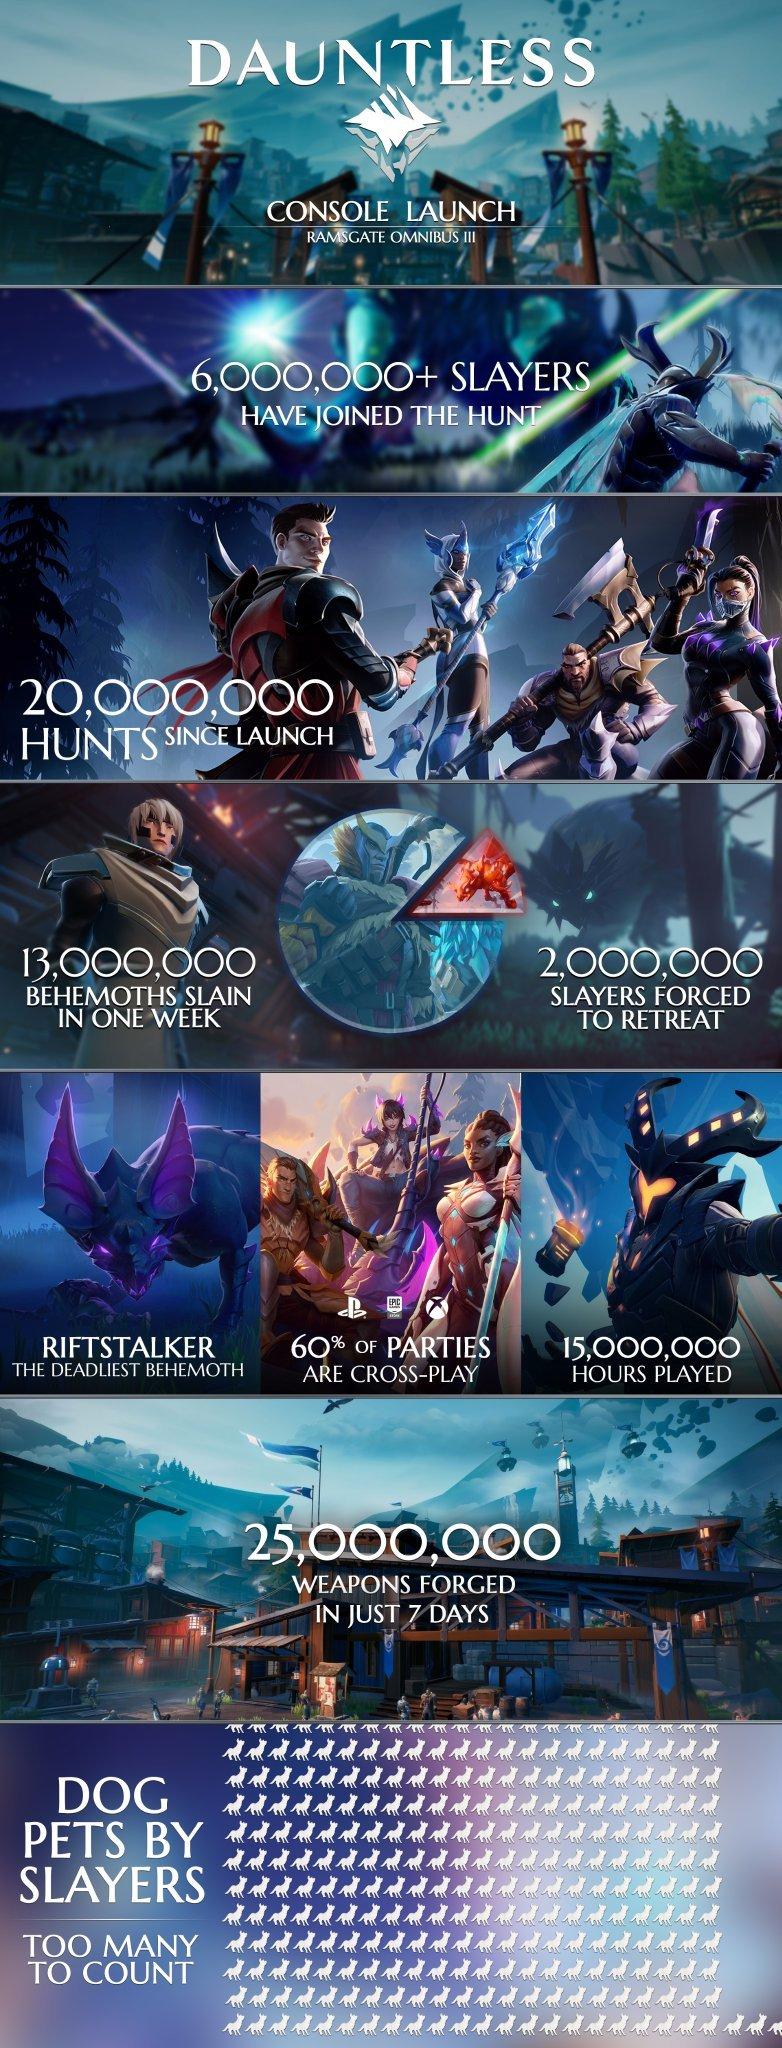 Dauntless launch infographic